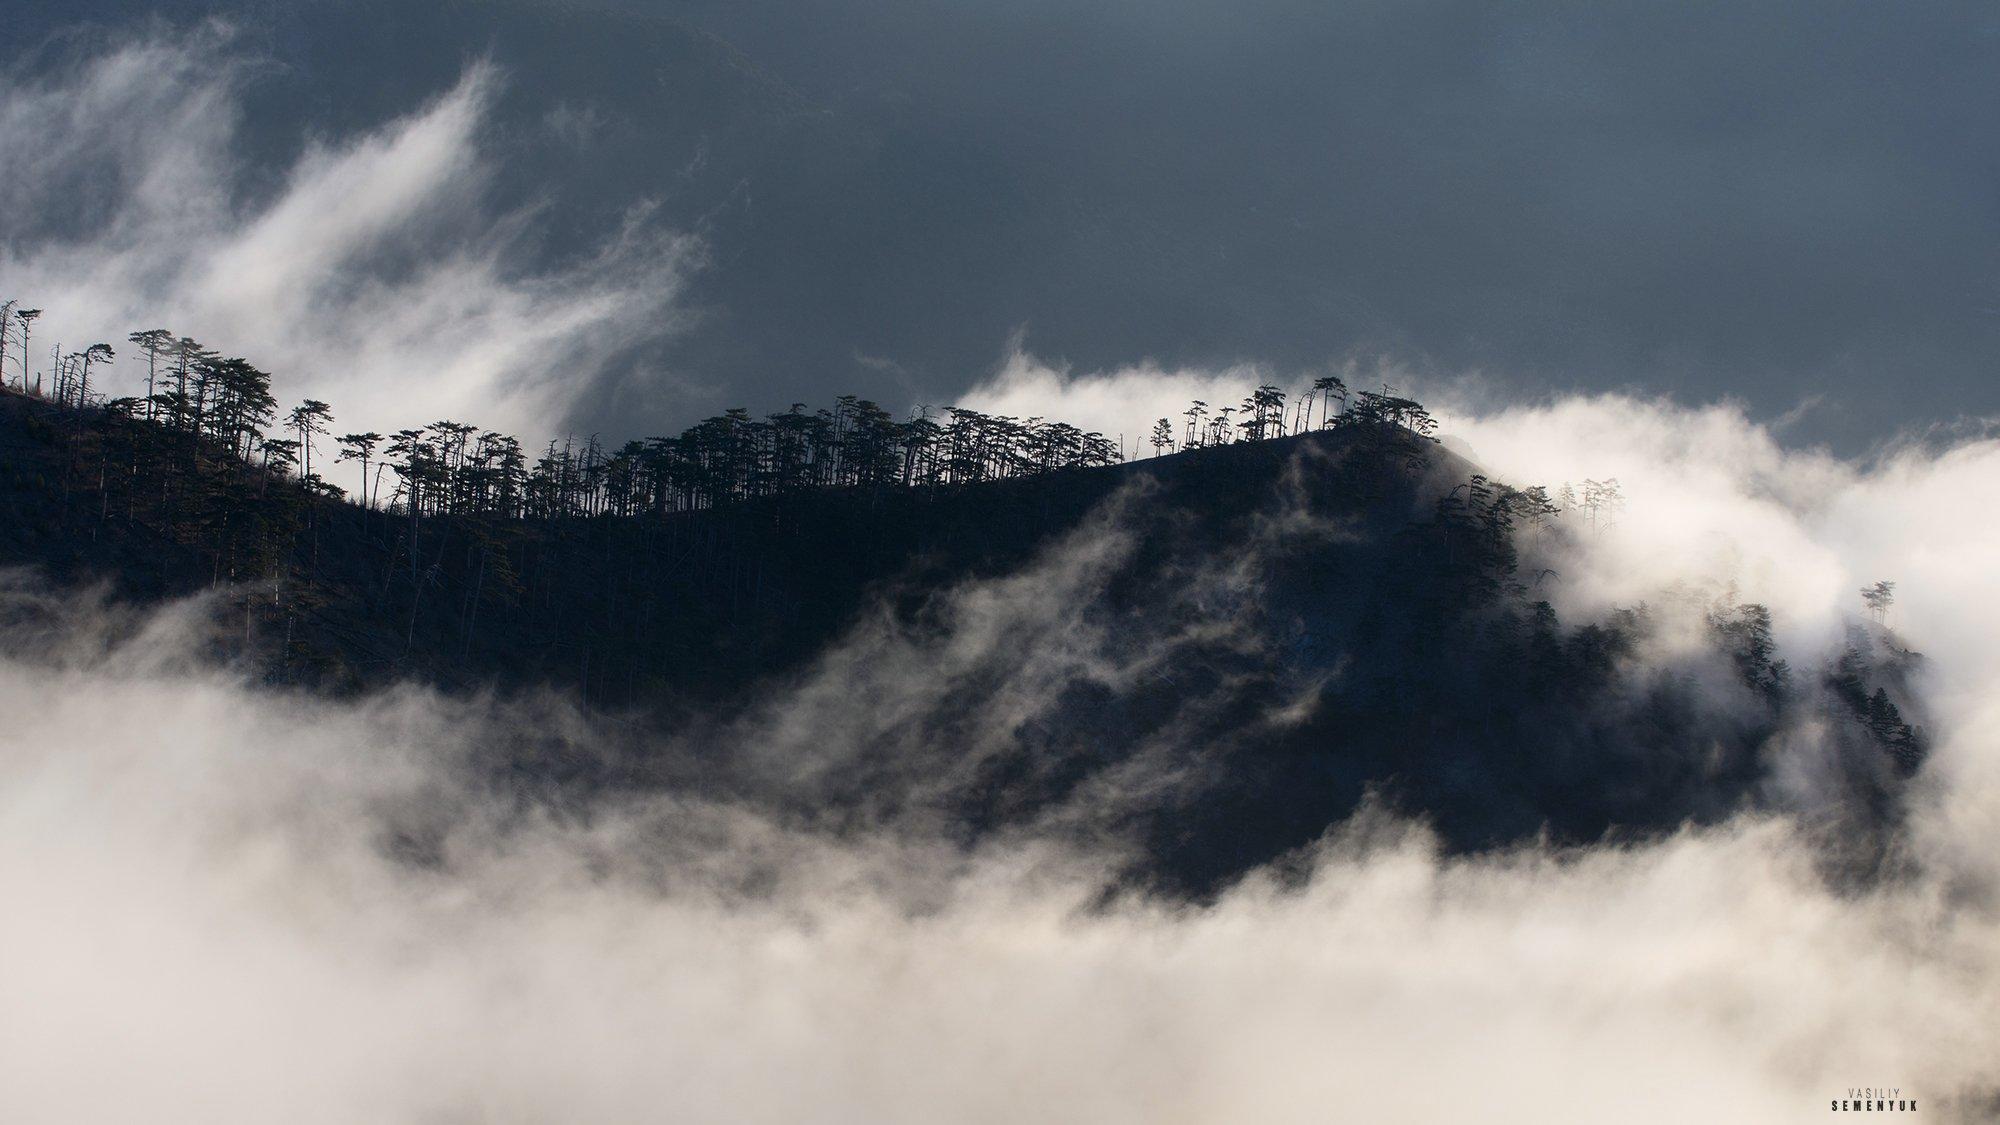 крым, горы, иограф, ялта, рассвет, туман, хребет, облака, настроение, crimea, ridge, mountain, clouds, fog, landscape., Семенюк Василий